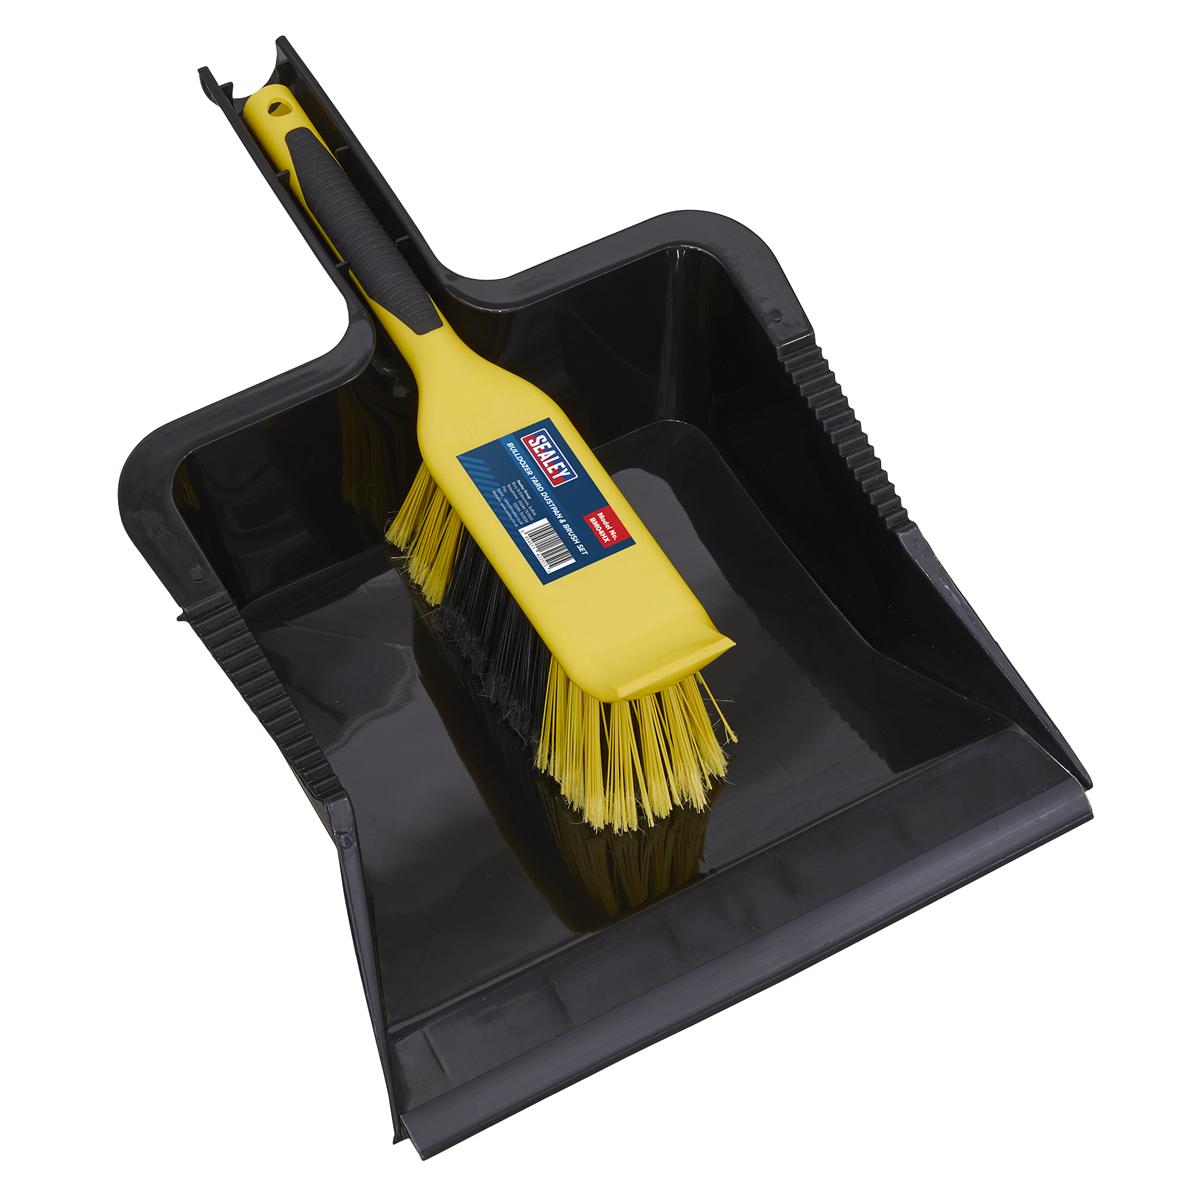 Bulldozer Yard Dustpan & Brush Set